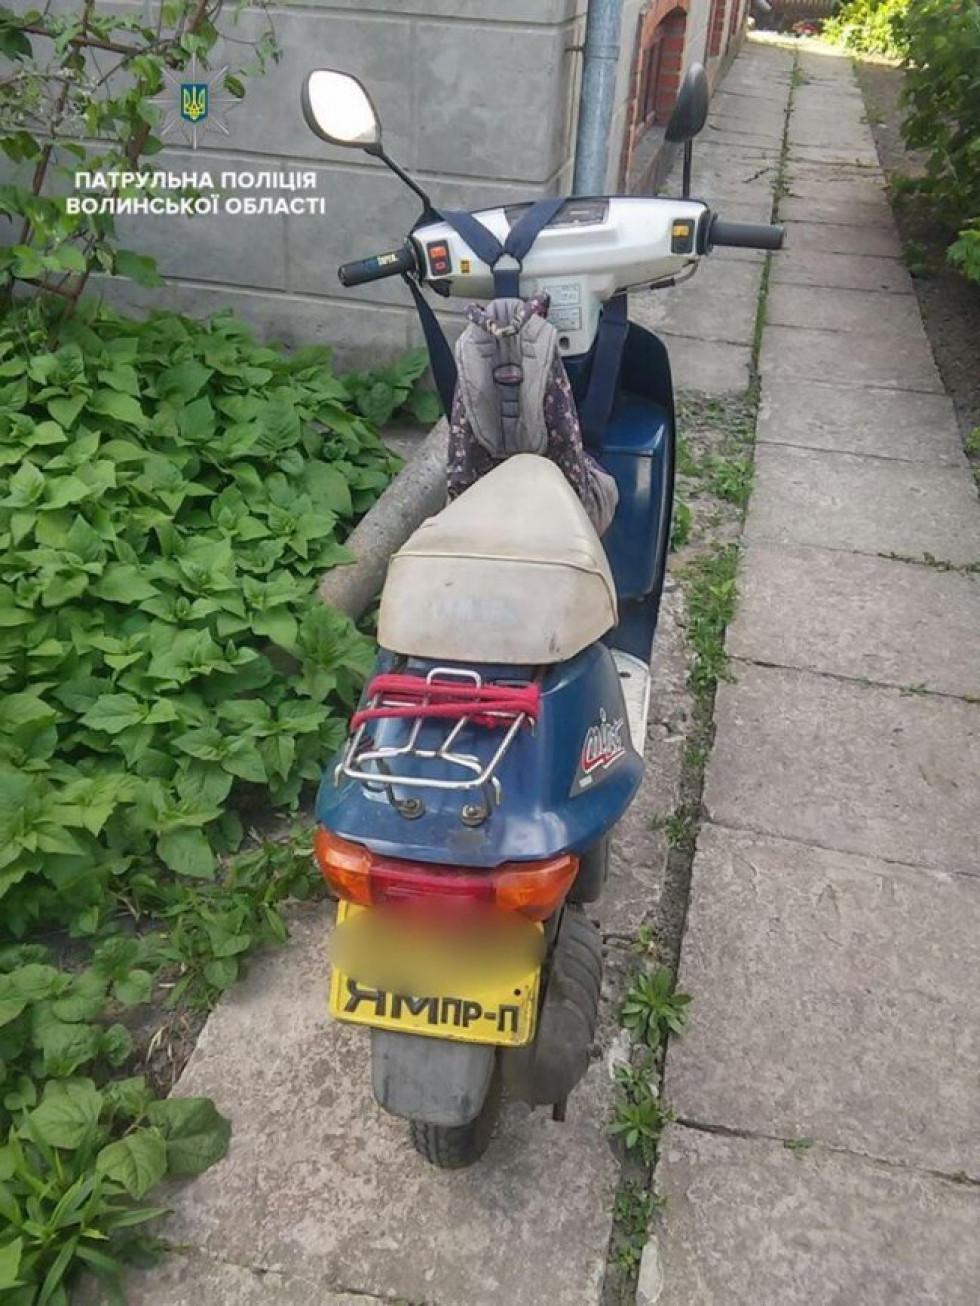 Скутер порушника